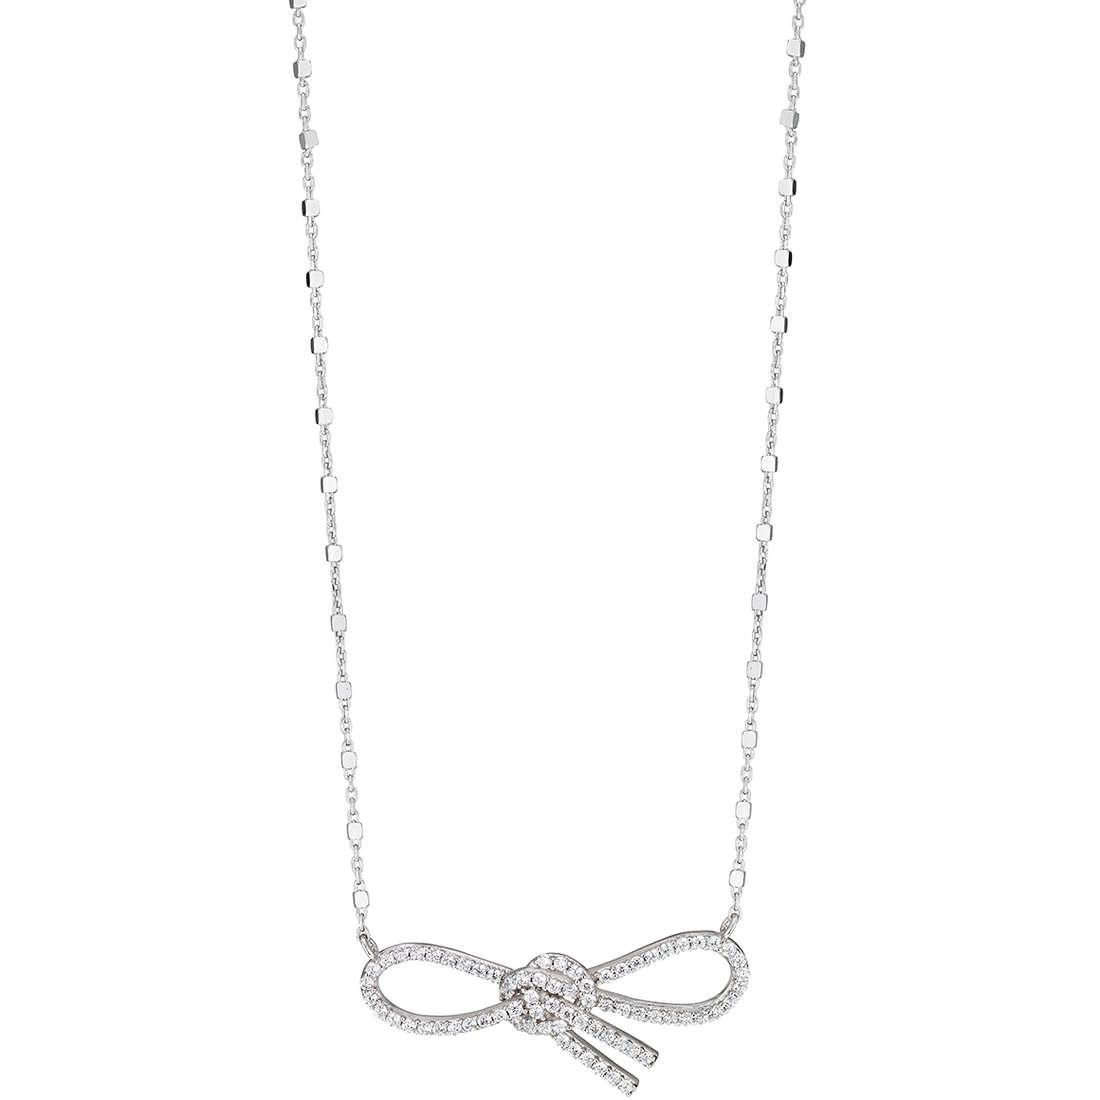 collana donna gioielli Morellato 1930 Michelle Hunziker SAHA03